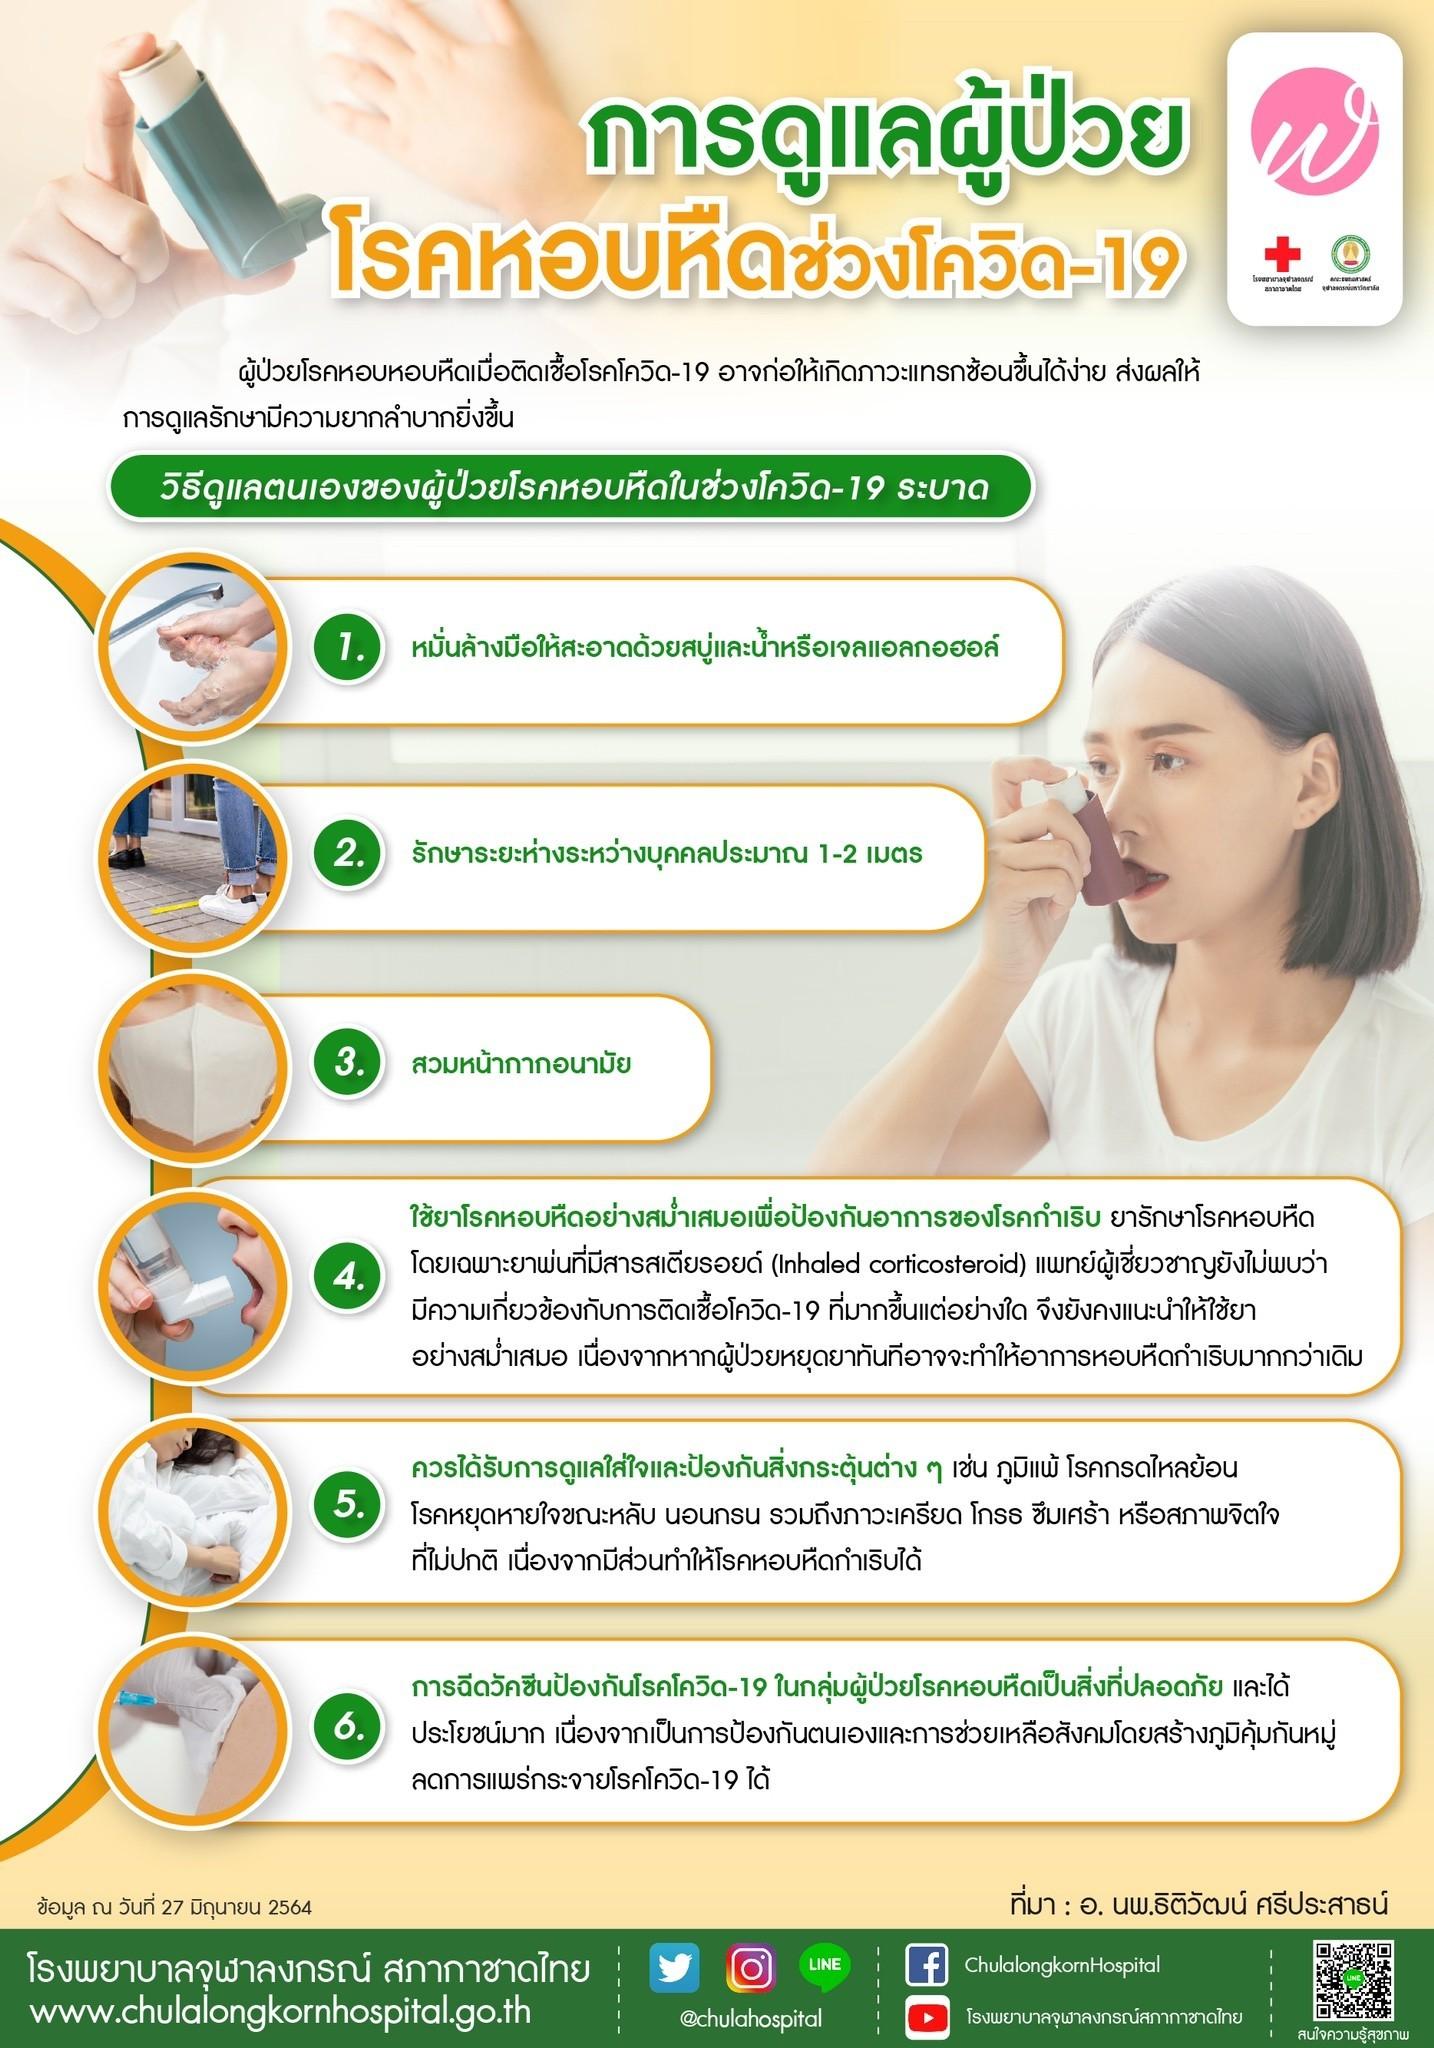 การดูแลผู้ป่วยโรคหอบหืดช่วงโควิด-19